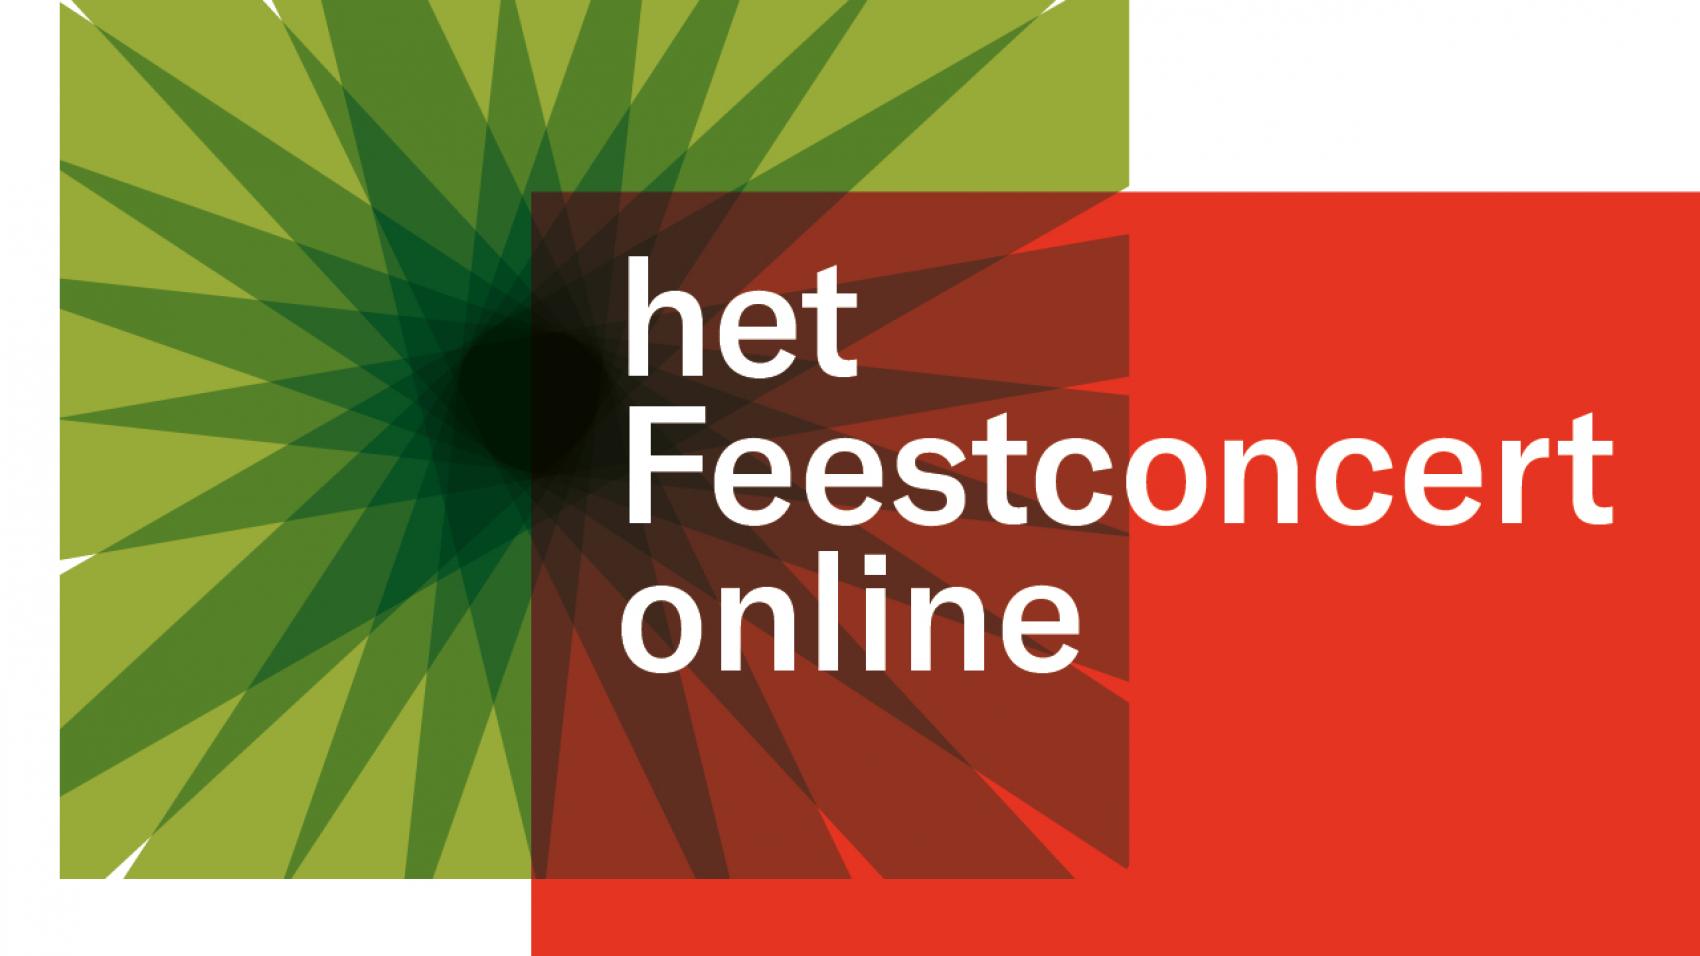 Nederlands Philharmonisch Orkest brengt Feestconcert naar honderden verzorgingshuizen in Nederland